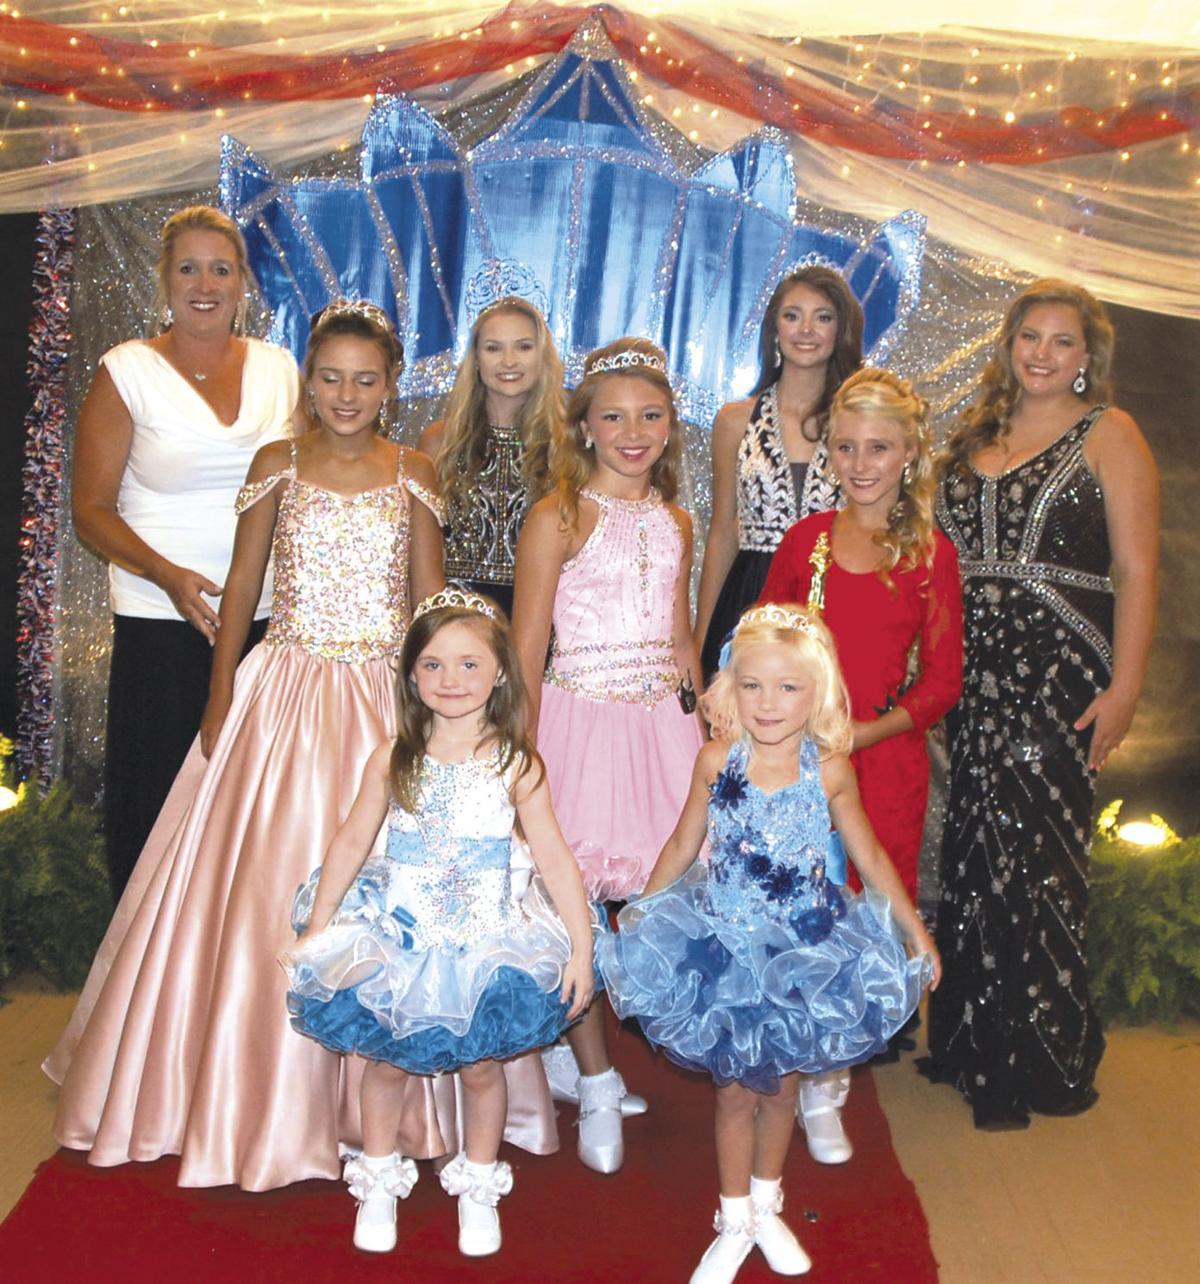 Schuetzenfest pageant winners